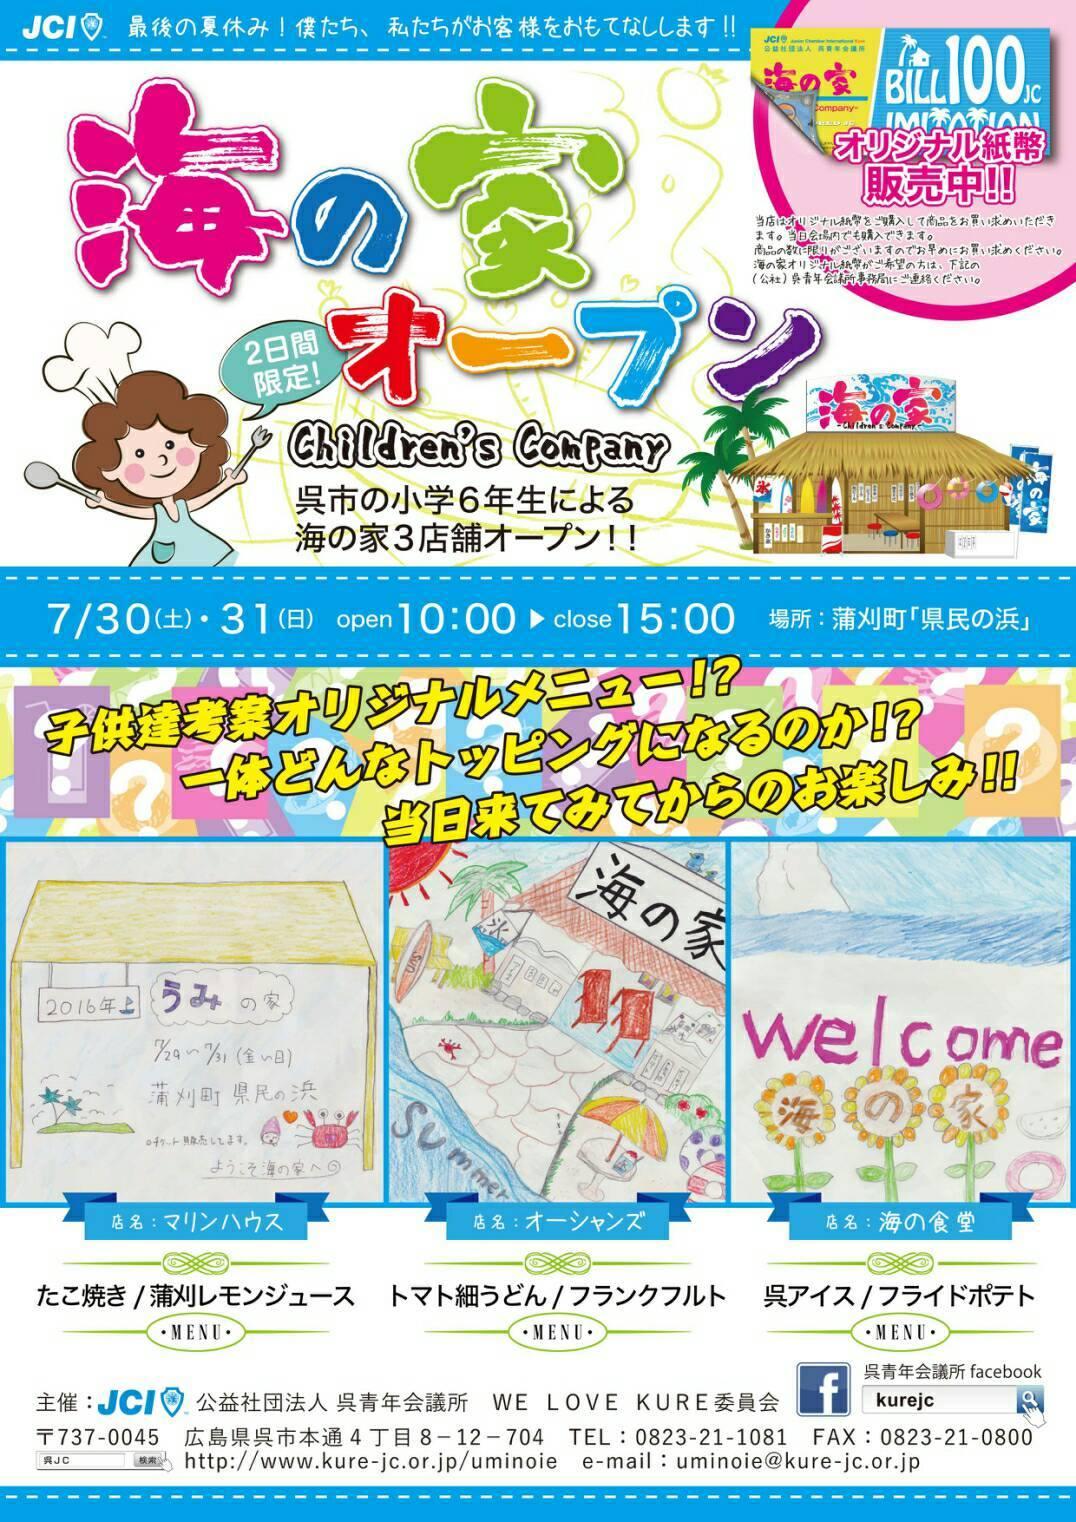 2016年 7月29日〜31日 海の家 Children's Company